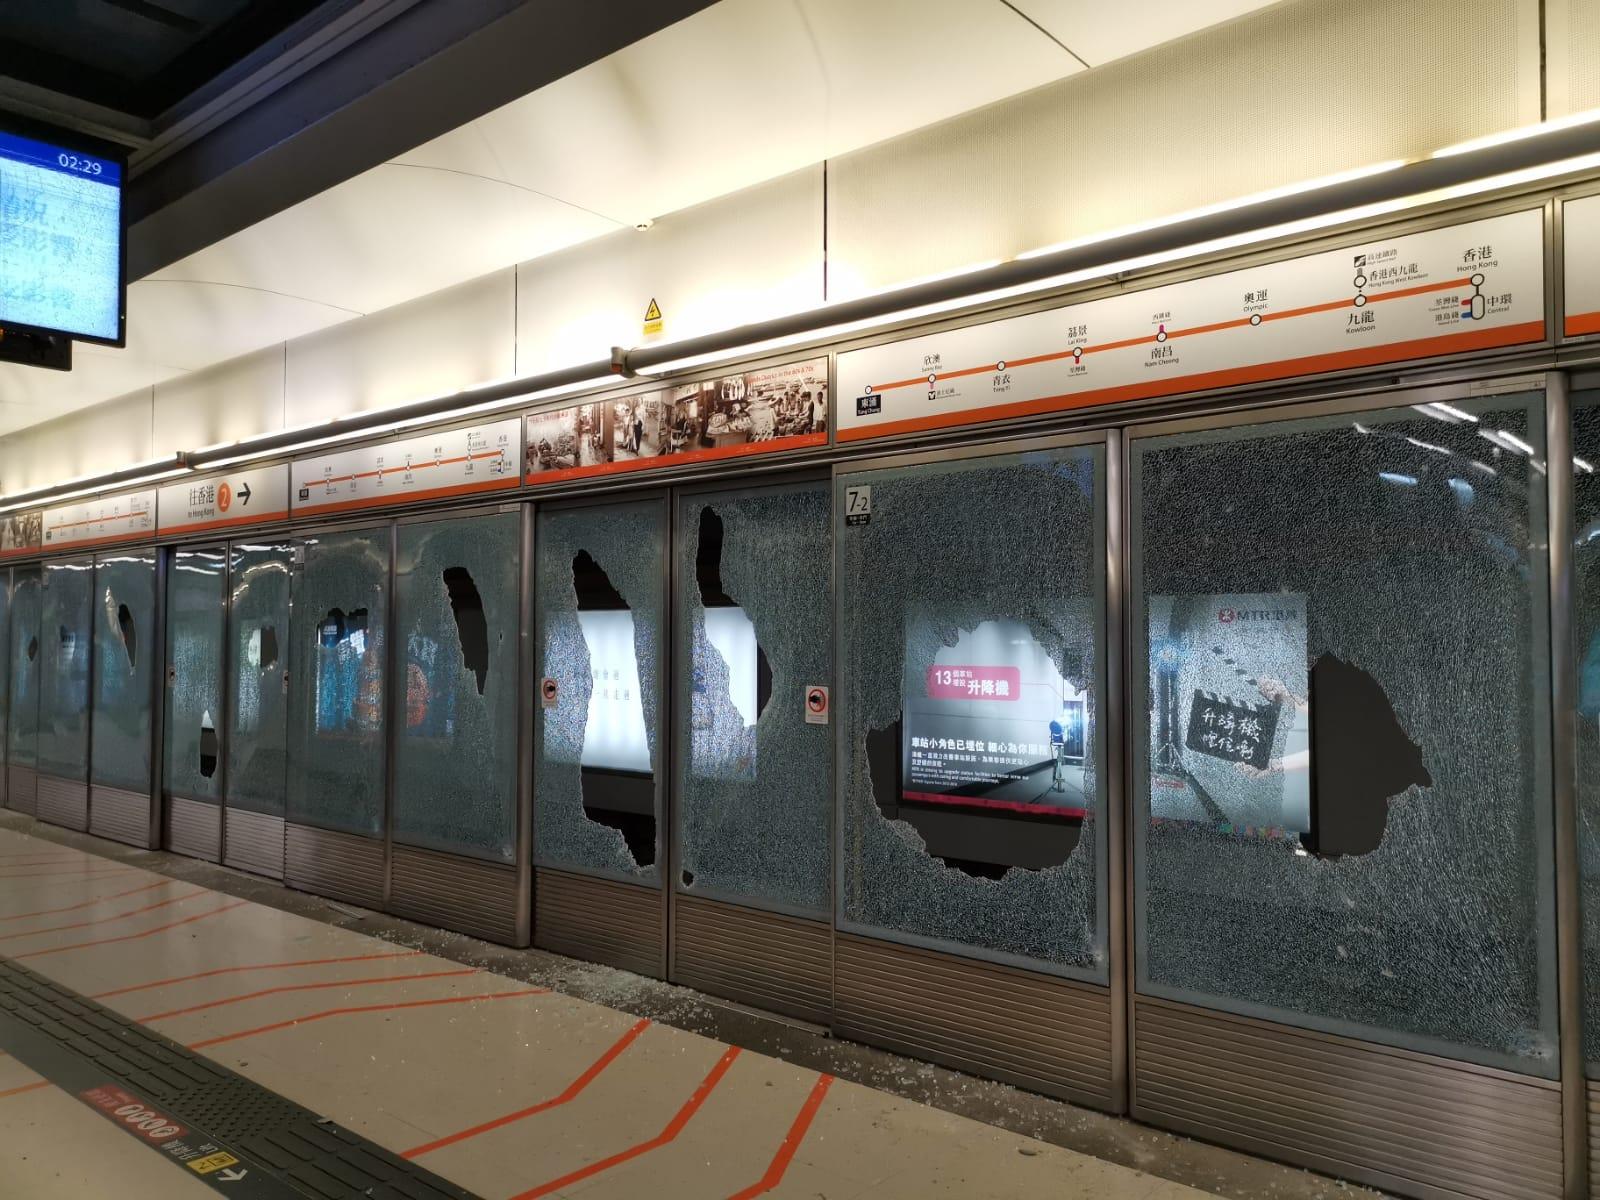 【大三罢】多个车站被破坏 港铁强烈讉责并追究责任